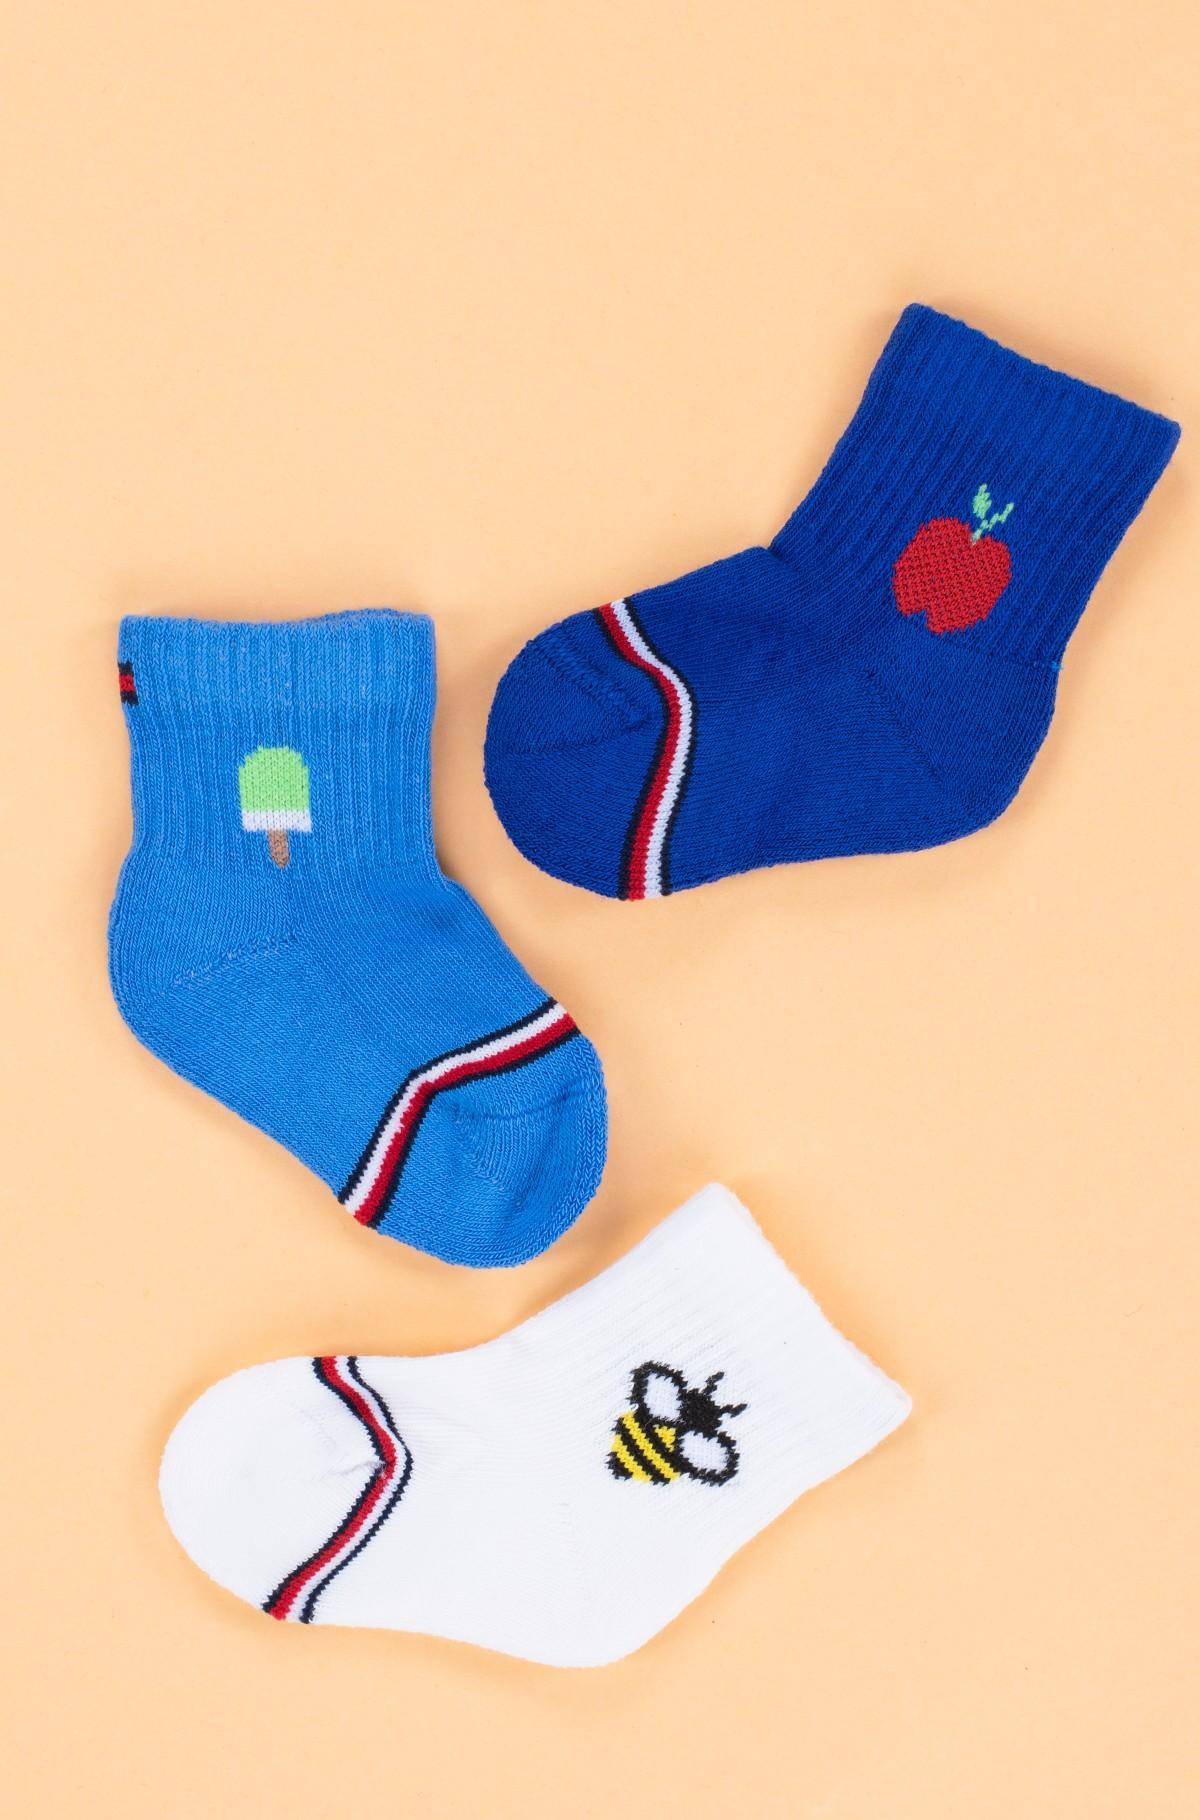 Socks in gift box 100002325-full-2